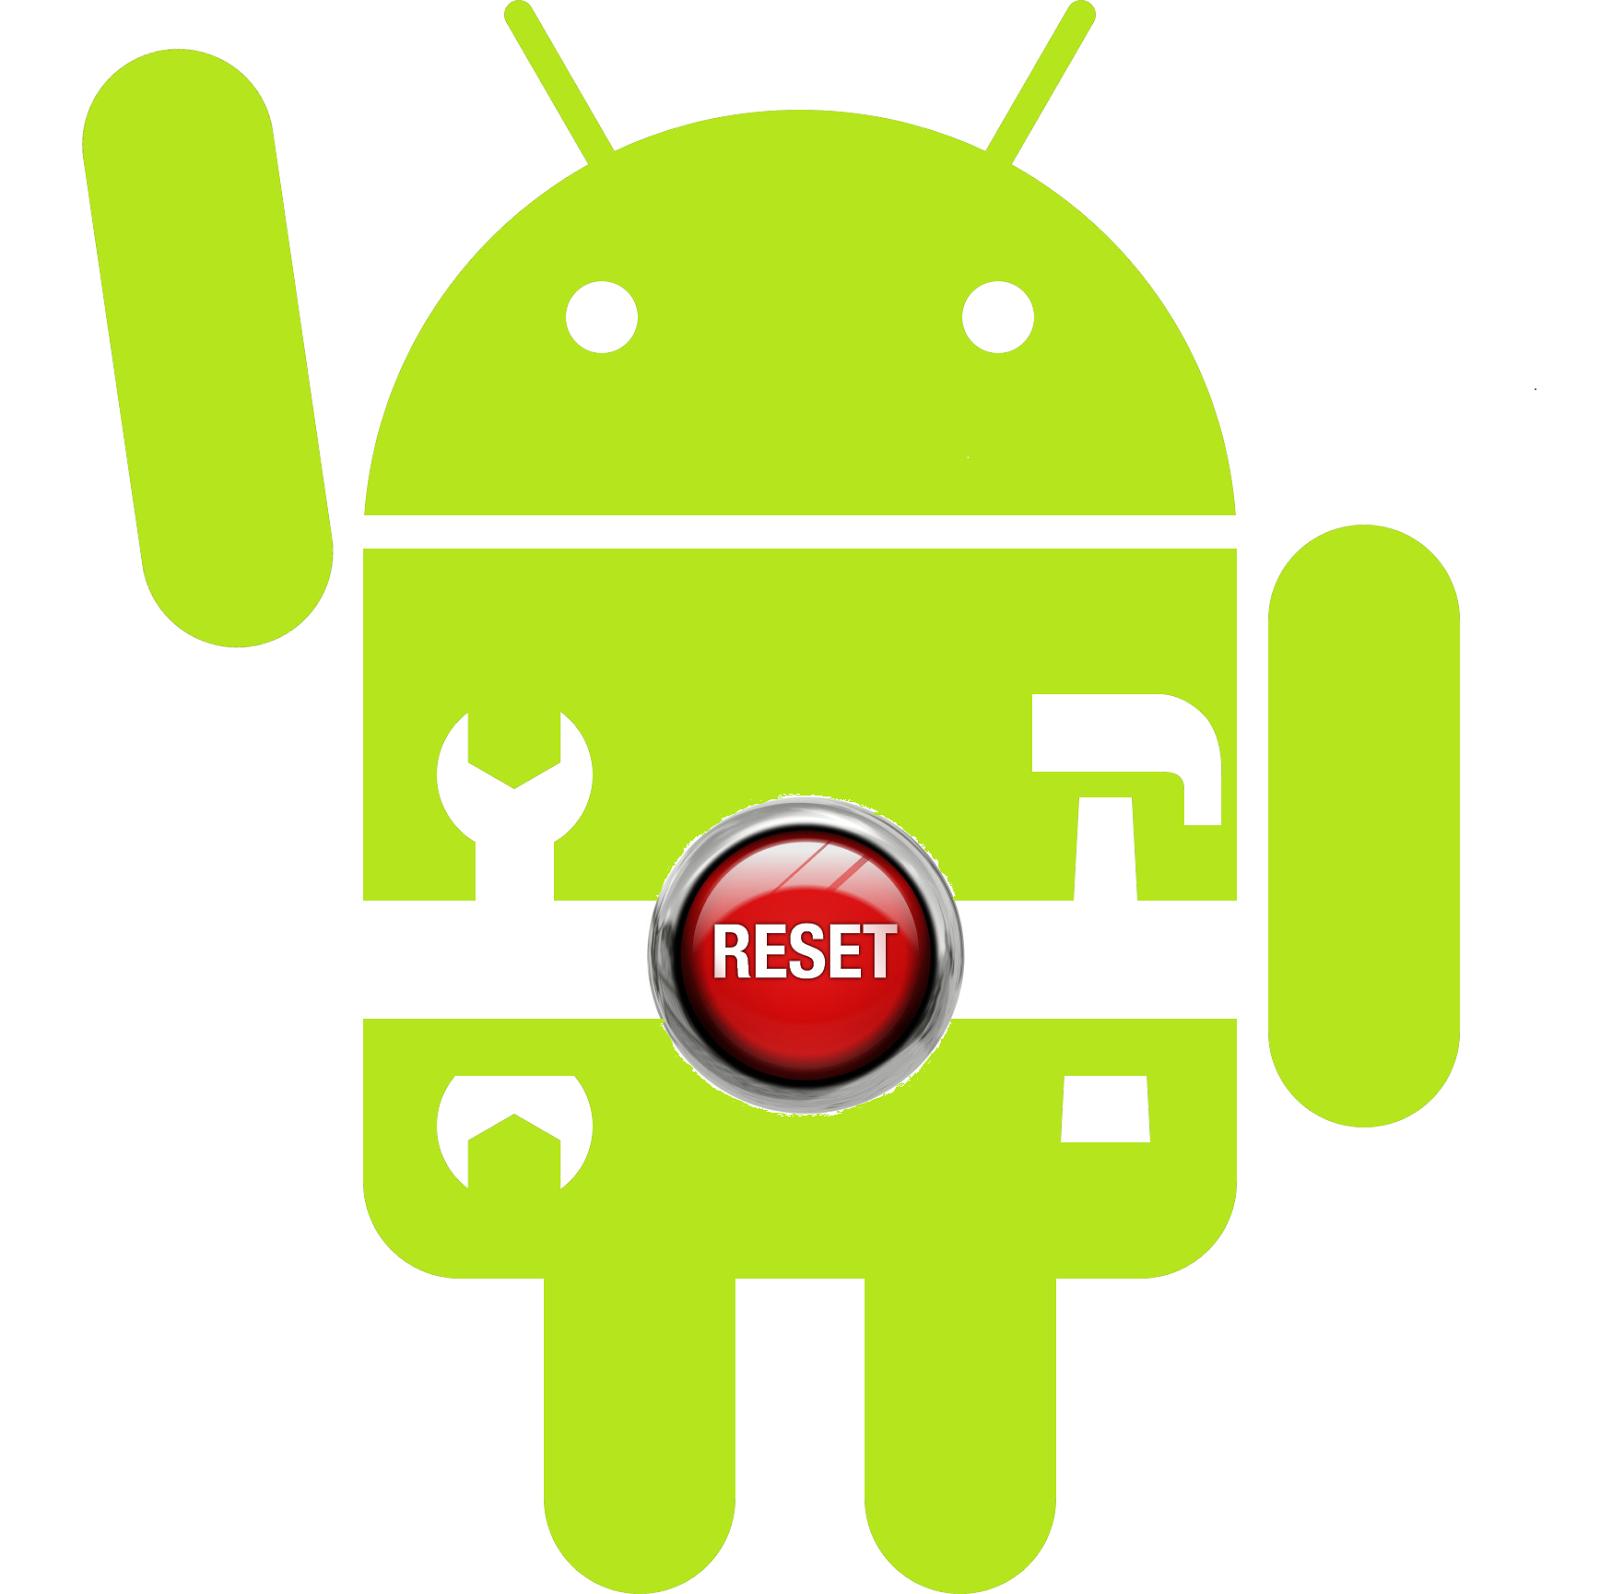 Cara Reset Ulang Smartphone Android